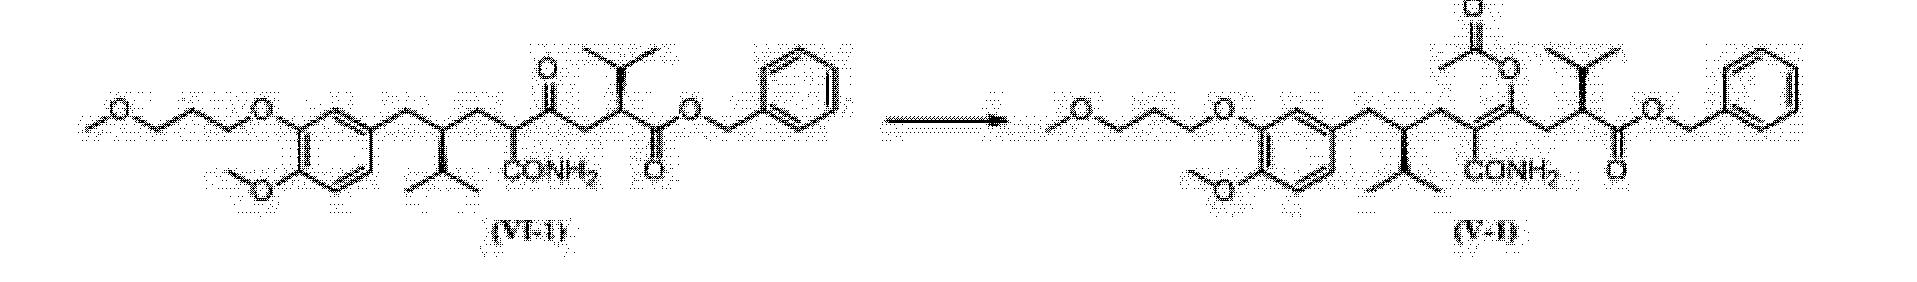 Figure CN103130677BD00093